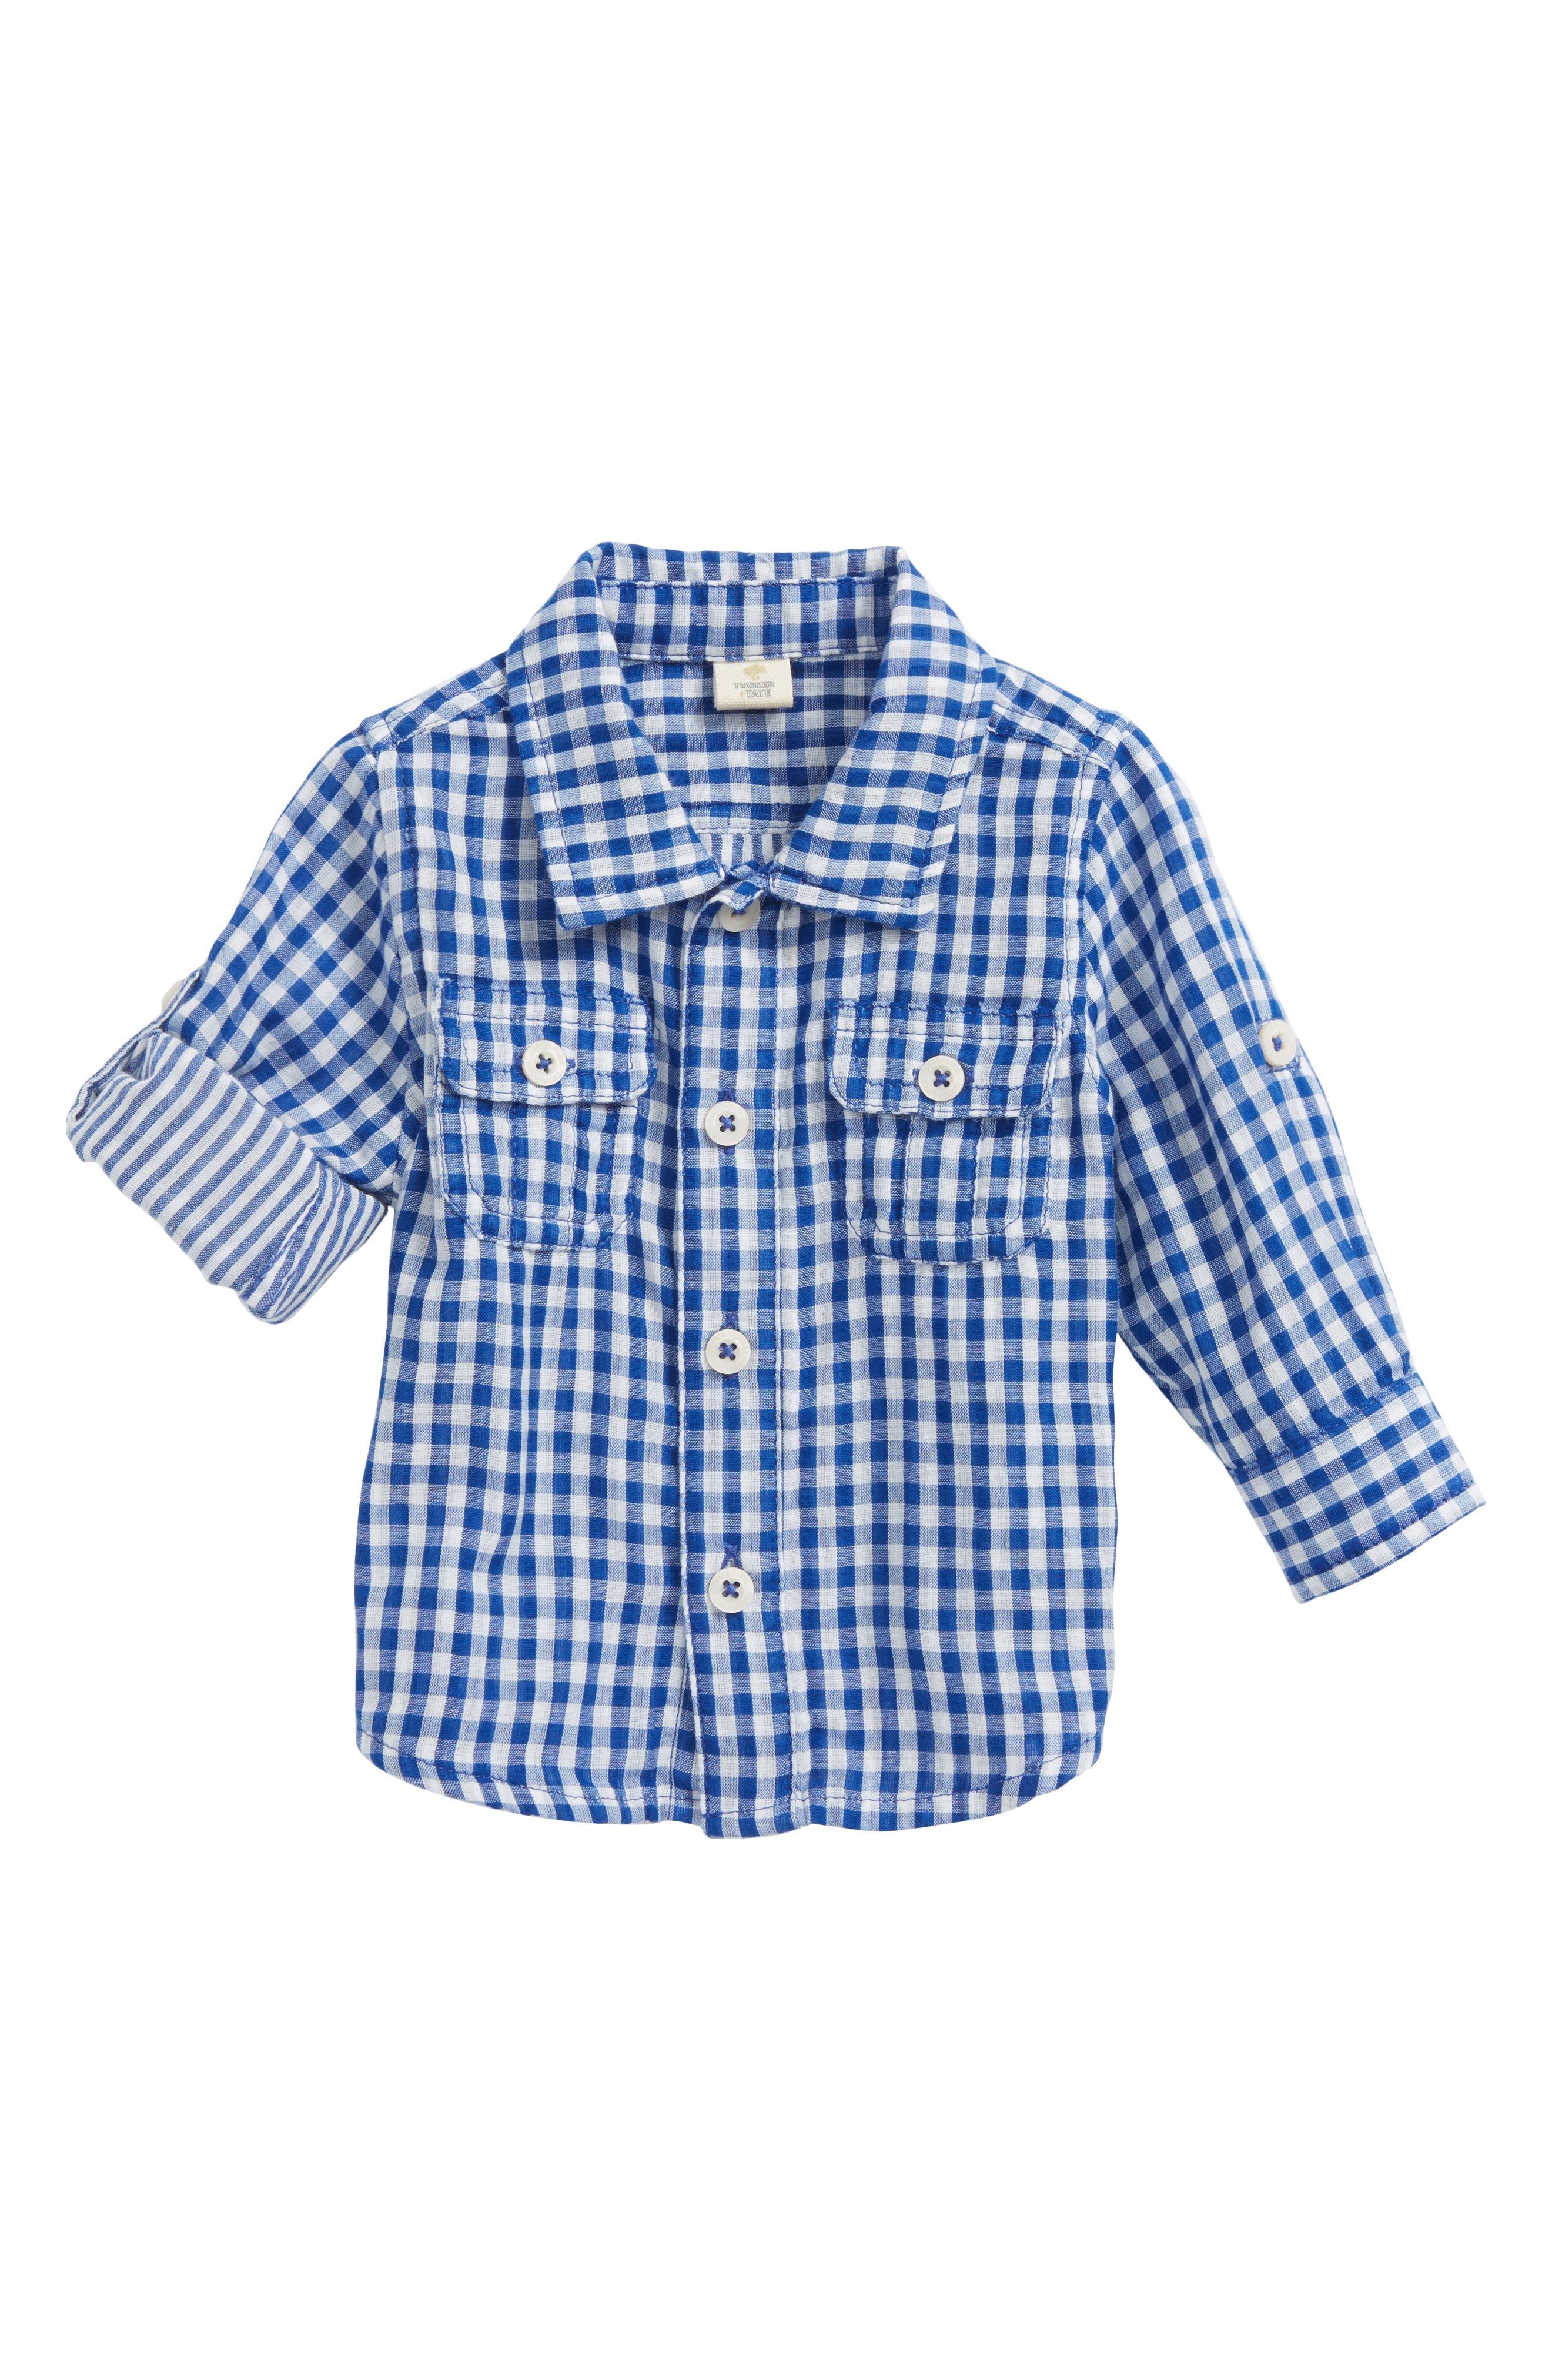 Double Woven Shirt,                             Main thumbnail 1, color,                             420